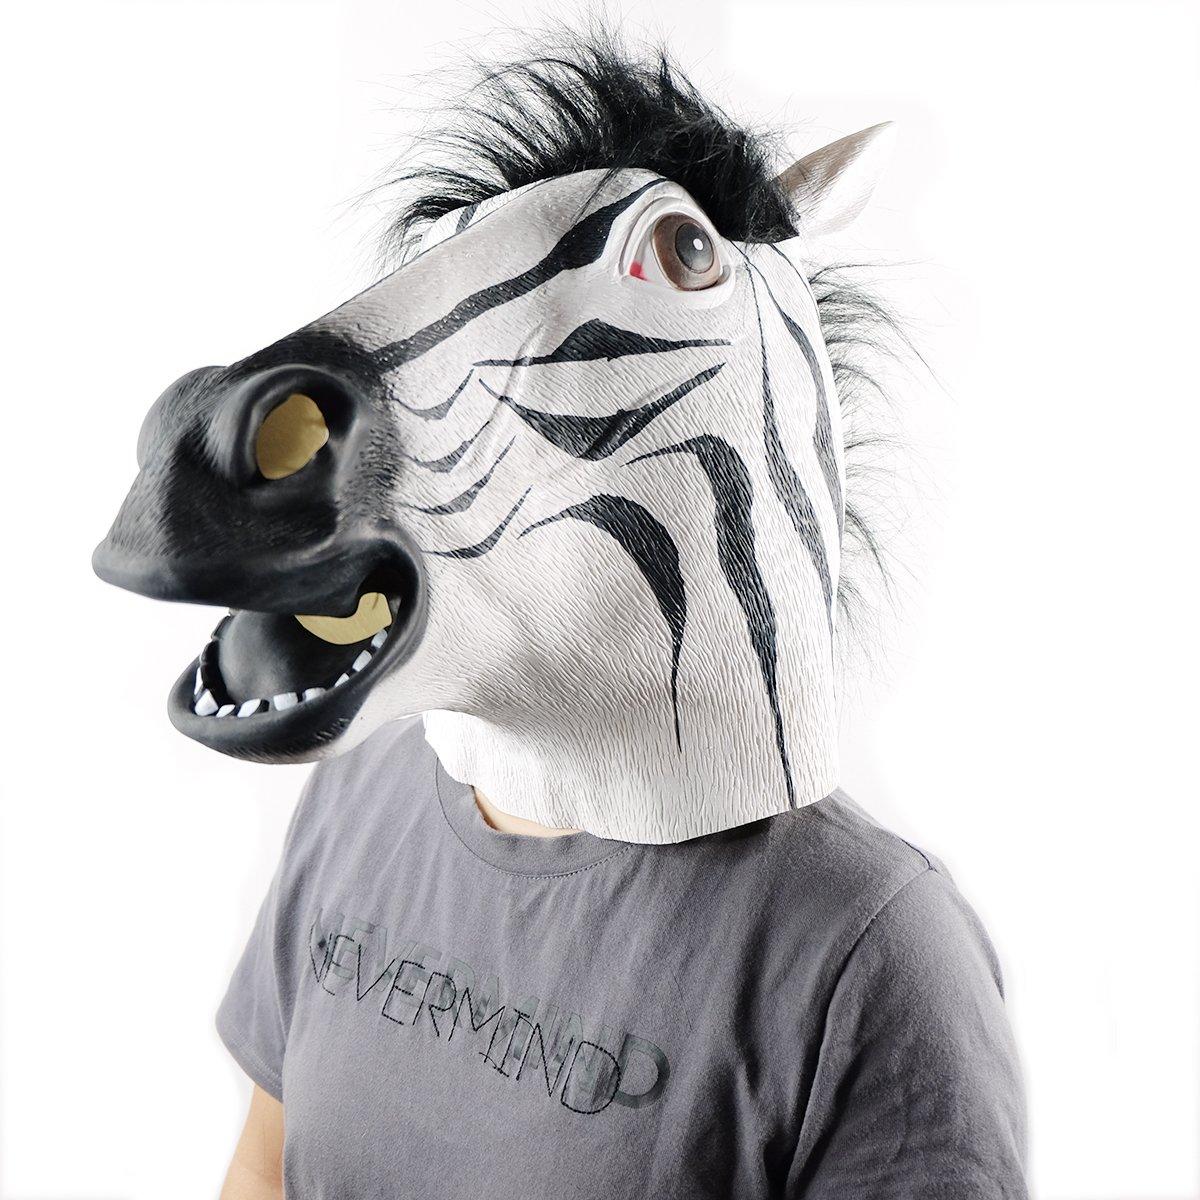 Ausgezeichnet Zebramaskenschablone Zeitgenössisch - Entry Level ...